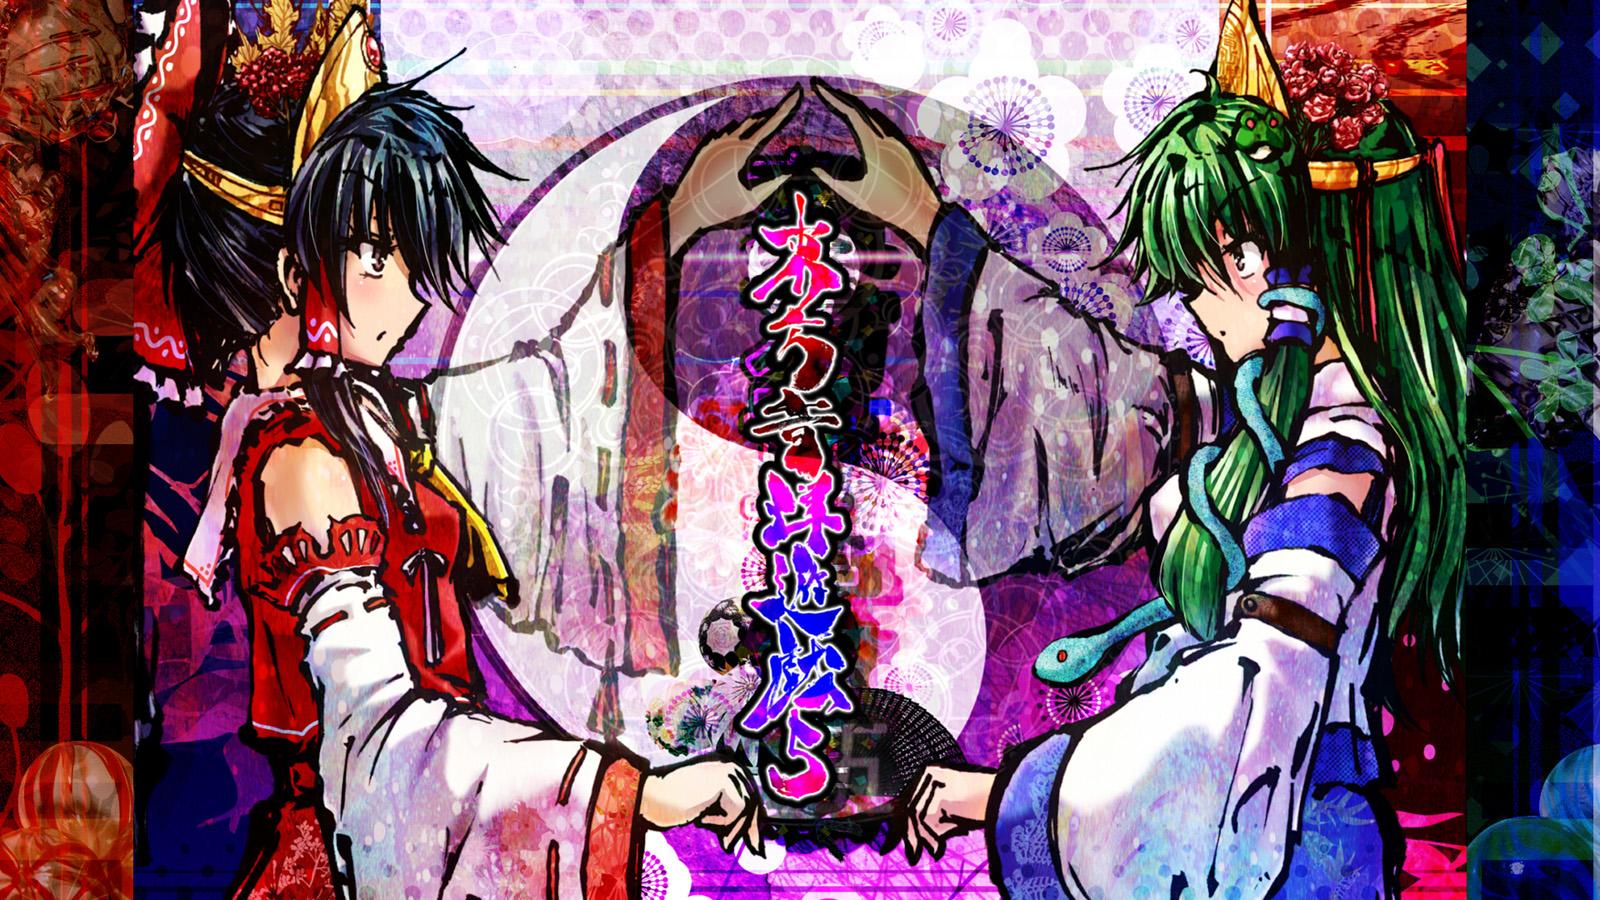 東方音弾遊戯5